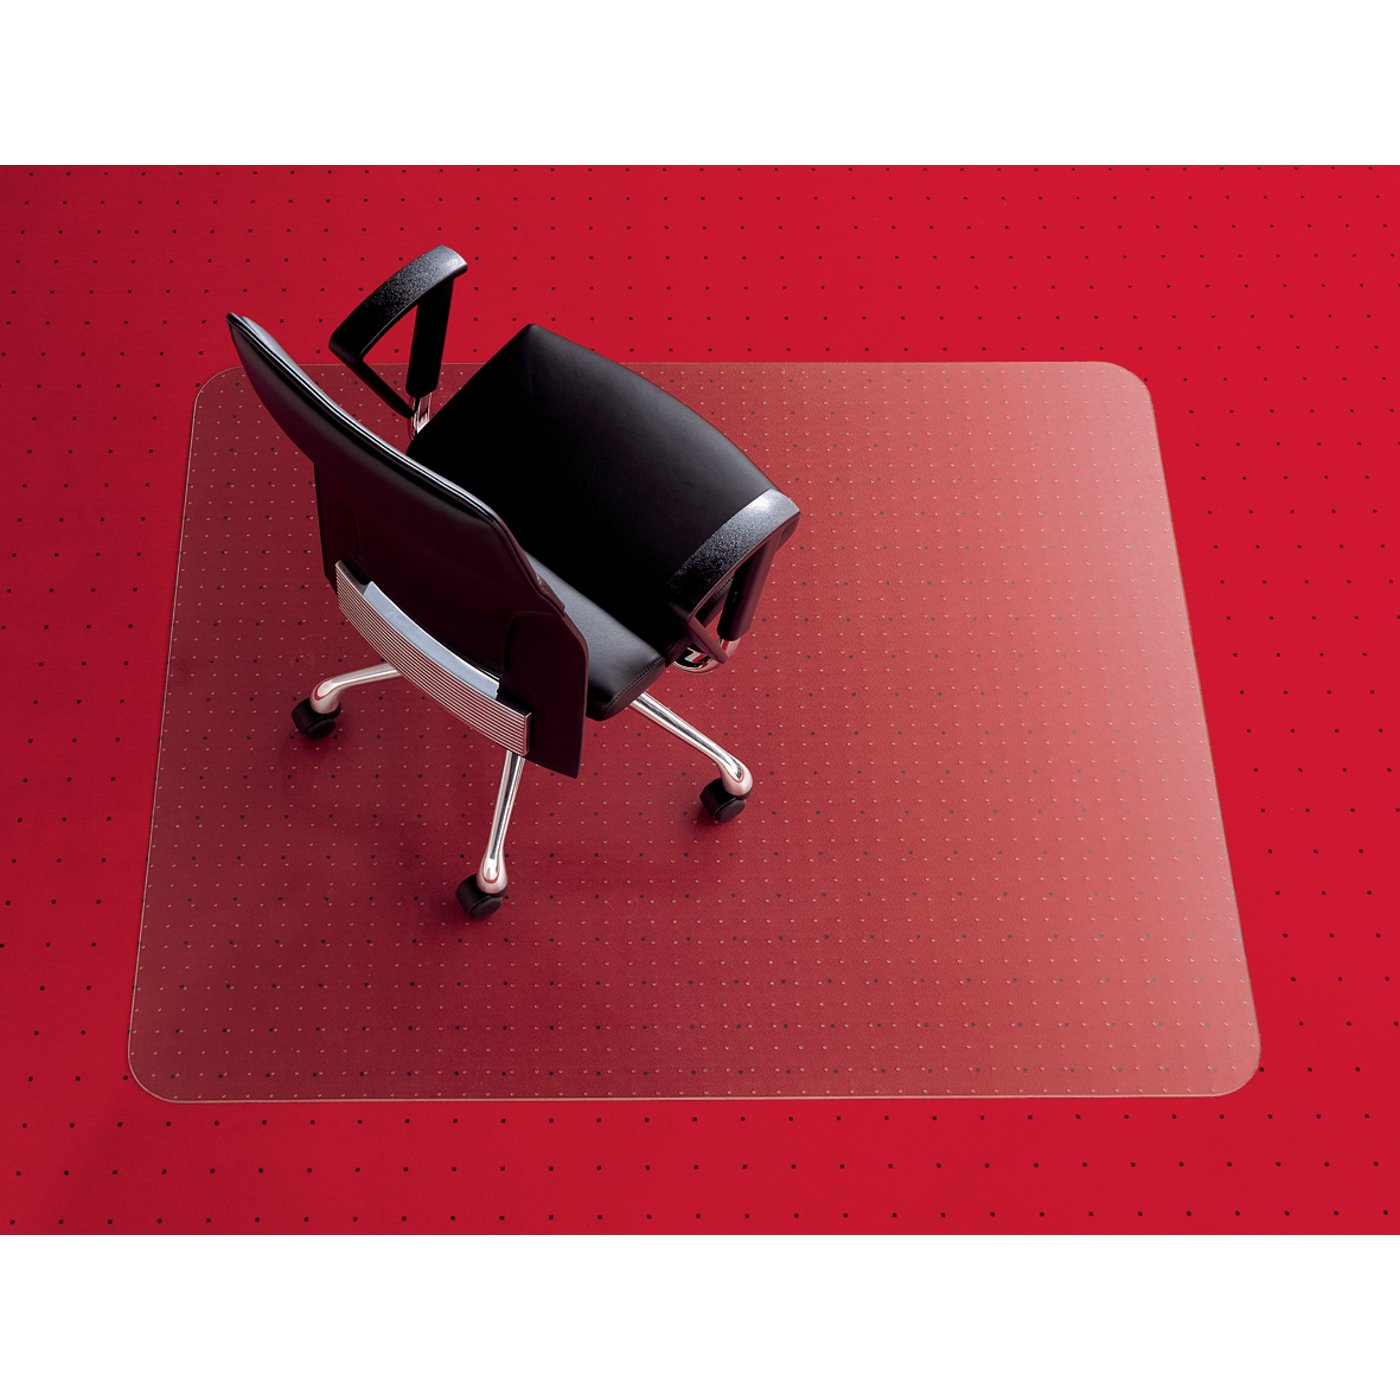 Rexel Produits Accessoires De Bureau Tapis Chaises Tapis Chaises Pour Moquette